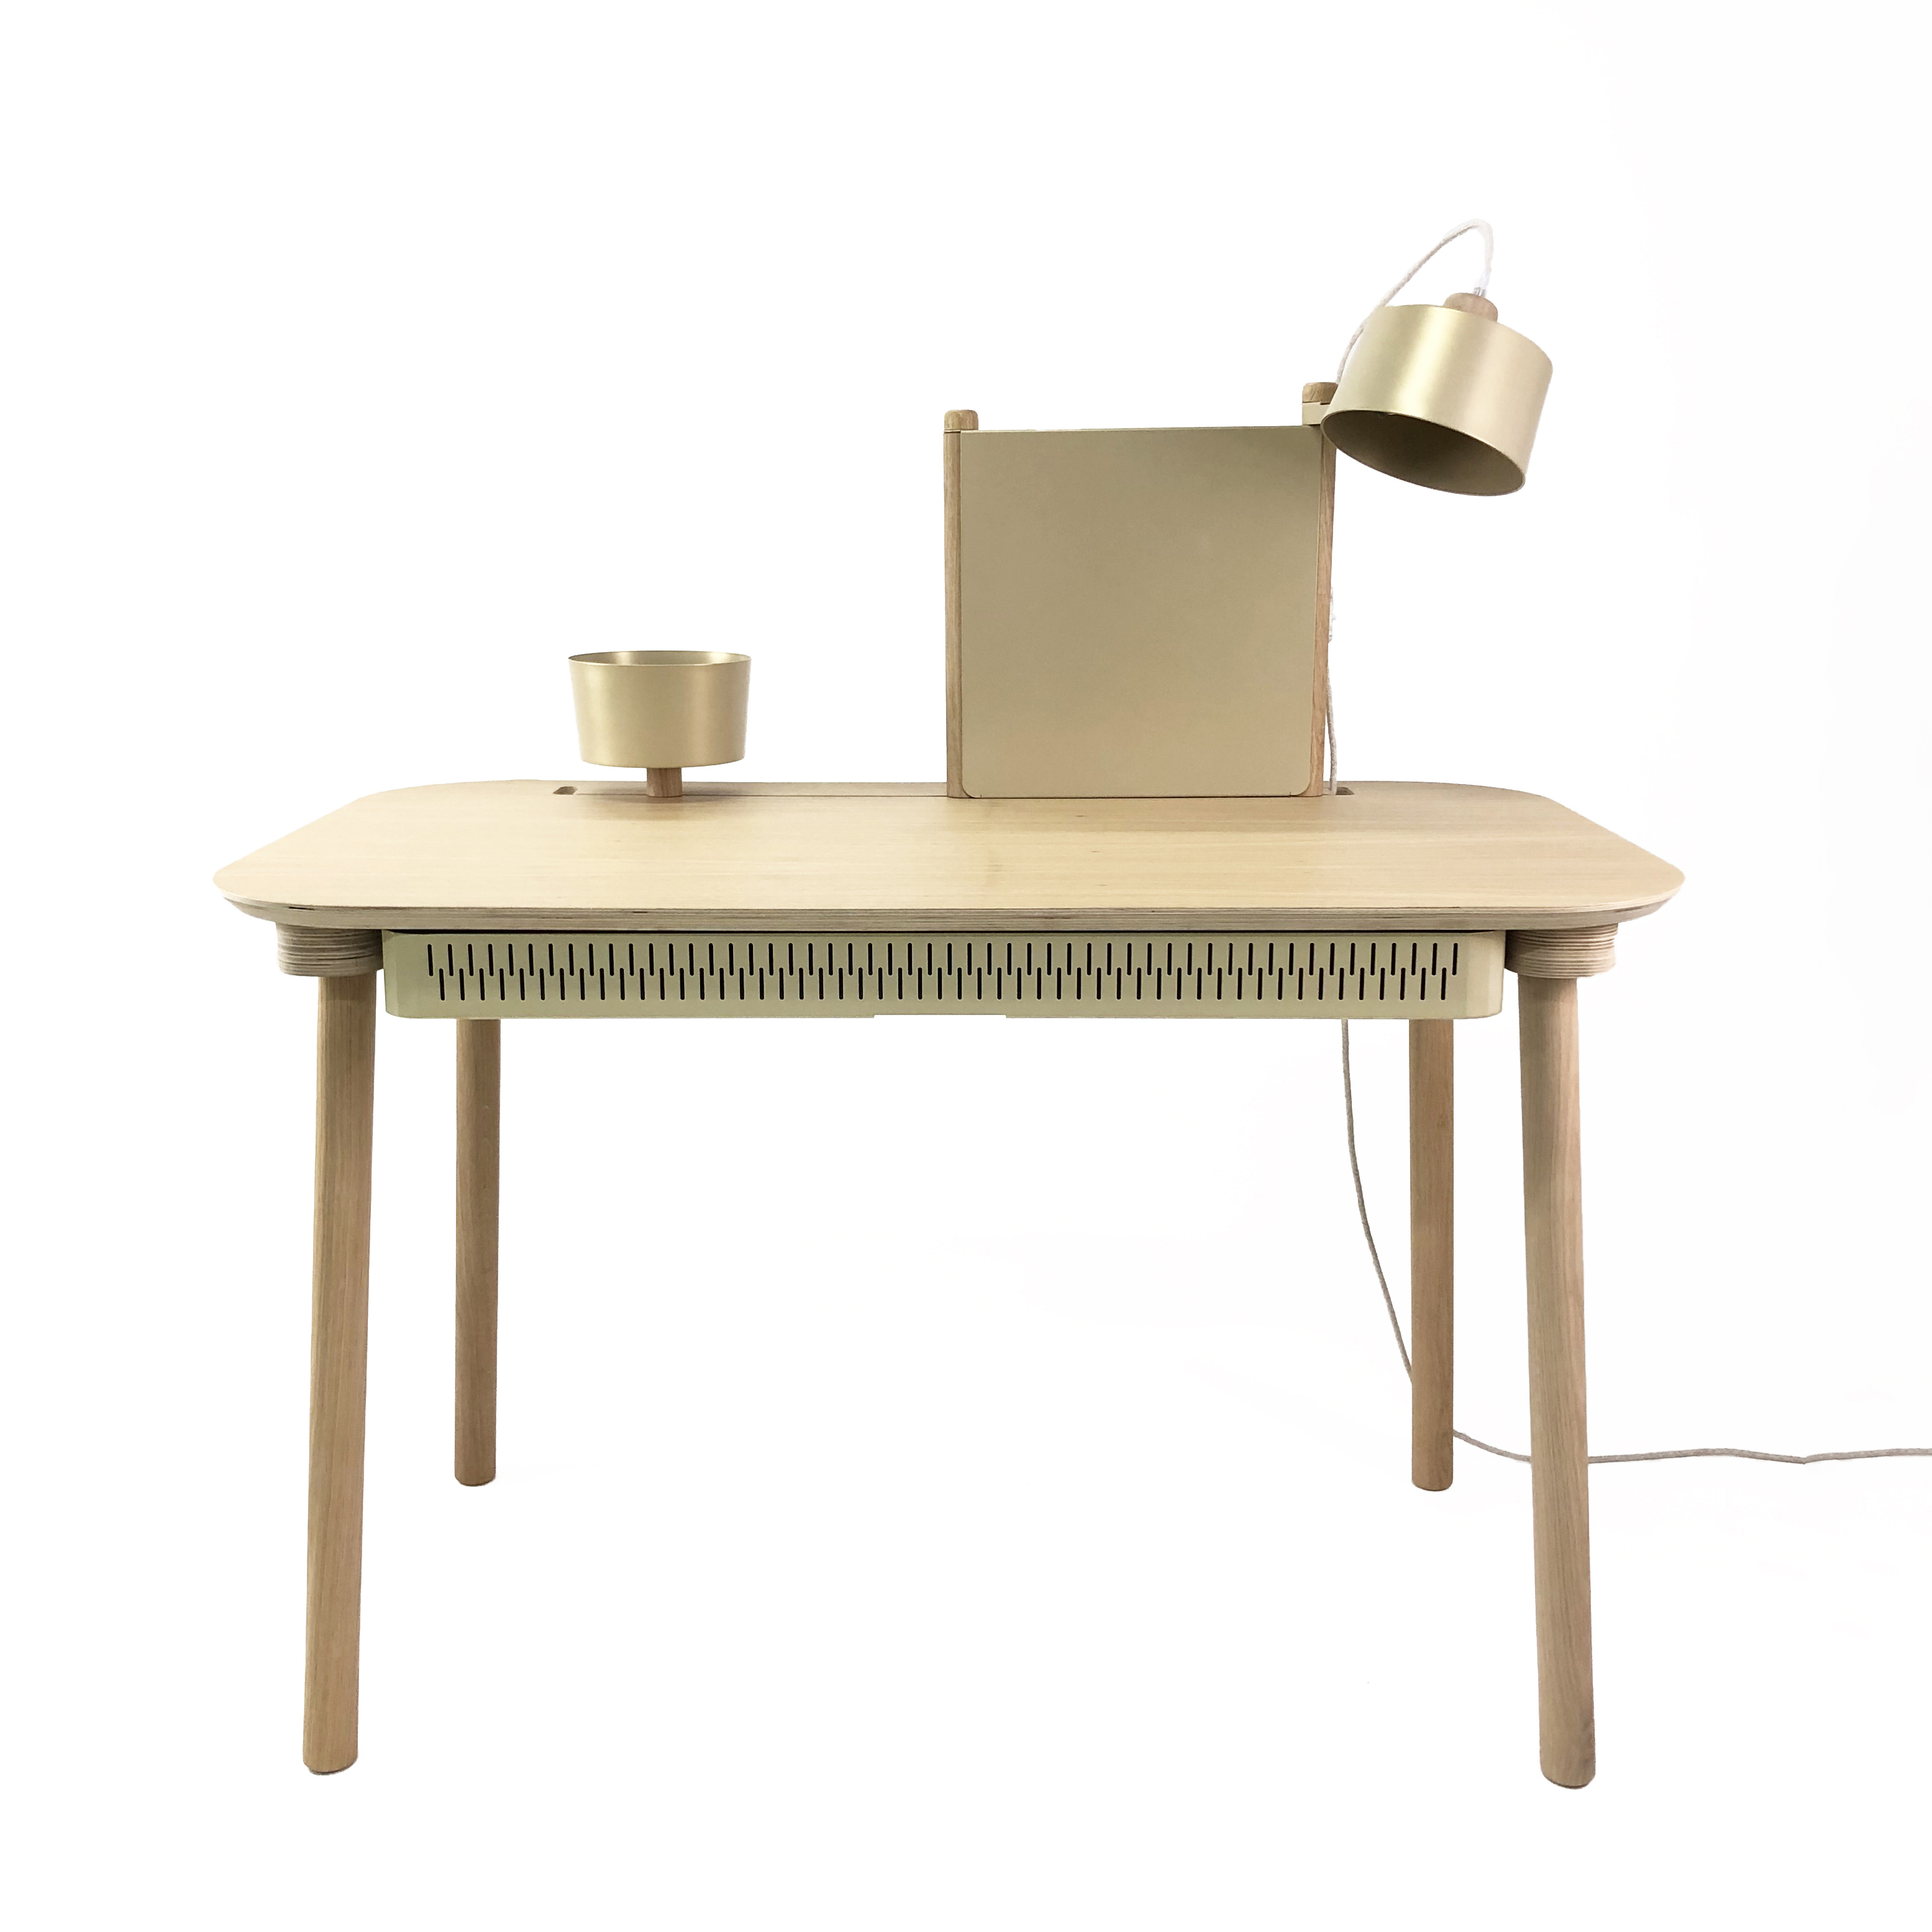 Bureau chêne avec tiroir, bol, lampe et séparateur laiton